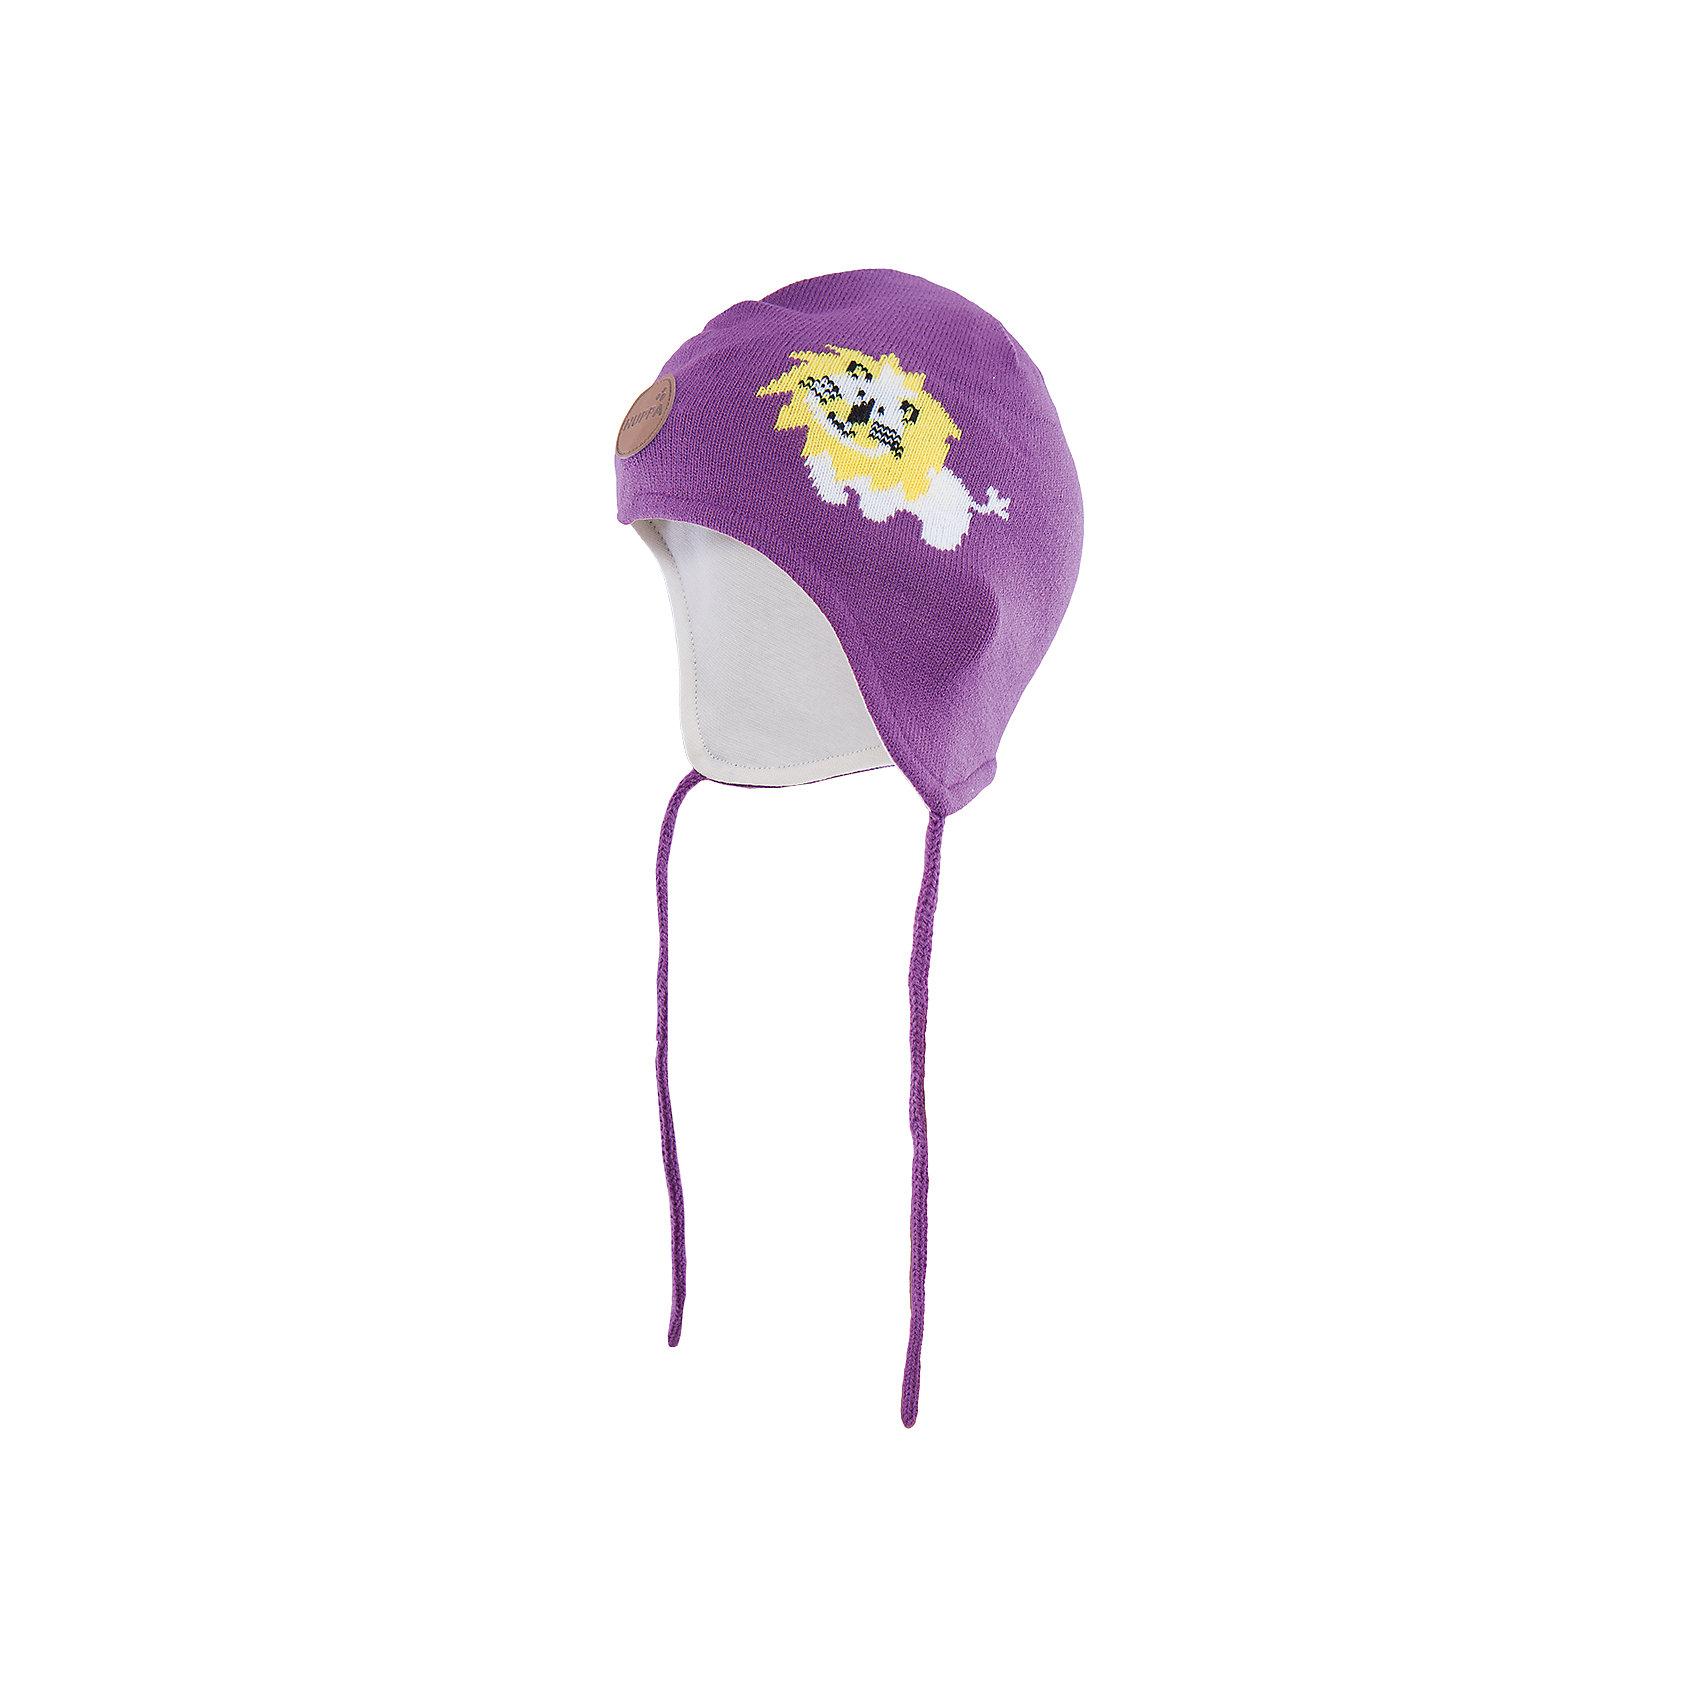 Шапка  HuppaДемисезонные<br>Эта шапка Lion от Huppa(хуппа) надежно закрывает голову, уши и защищает от морозов. Она изготовлена из акрила, отлично сохраняющего тепло. Подкладка из хлопка приятна тела и не вызывает раздражения на чувствительной коже ребенка. Рисунок с милым львенком добавит веселые нотки к образу ребенка.<br><br>Дополнительная информация:<br>Цвет: лиловый<br>Материал: 100% акрил<br>Подкладка: 100% хлопок<br><br>Шапку Huppa(хуппа) вы можете приобрести в нашем интернет-магазине.<br><br>Ширина мм: 89<br>Глубина мм: 117<br>Высота мм: 44<br>Вес г: 155<br>Цвет: фиолетовый<br>Возраст от месяцев: 9<br>Возраст до месяцев: 12<br>Пол: Женский<br>Возраст: Детский<br>Размер: 43-45,51-53,47-49<br>SKU: 4923541